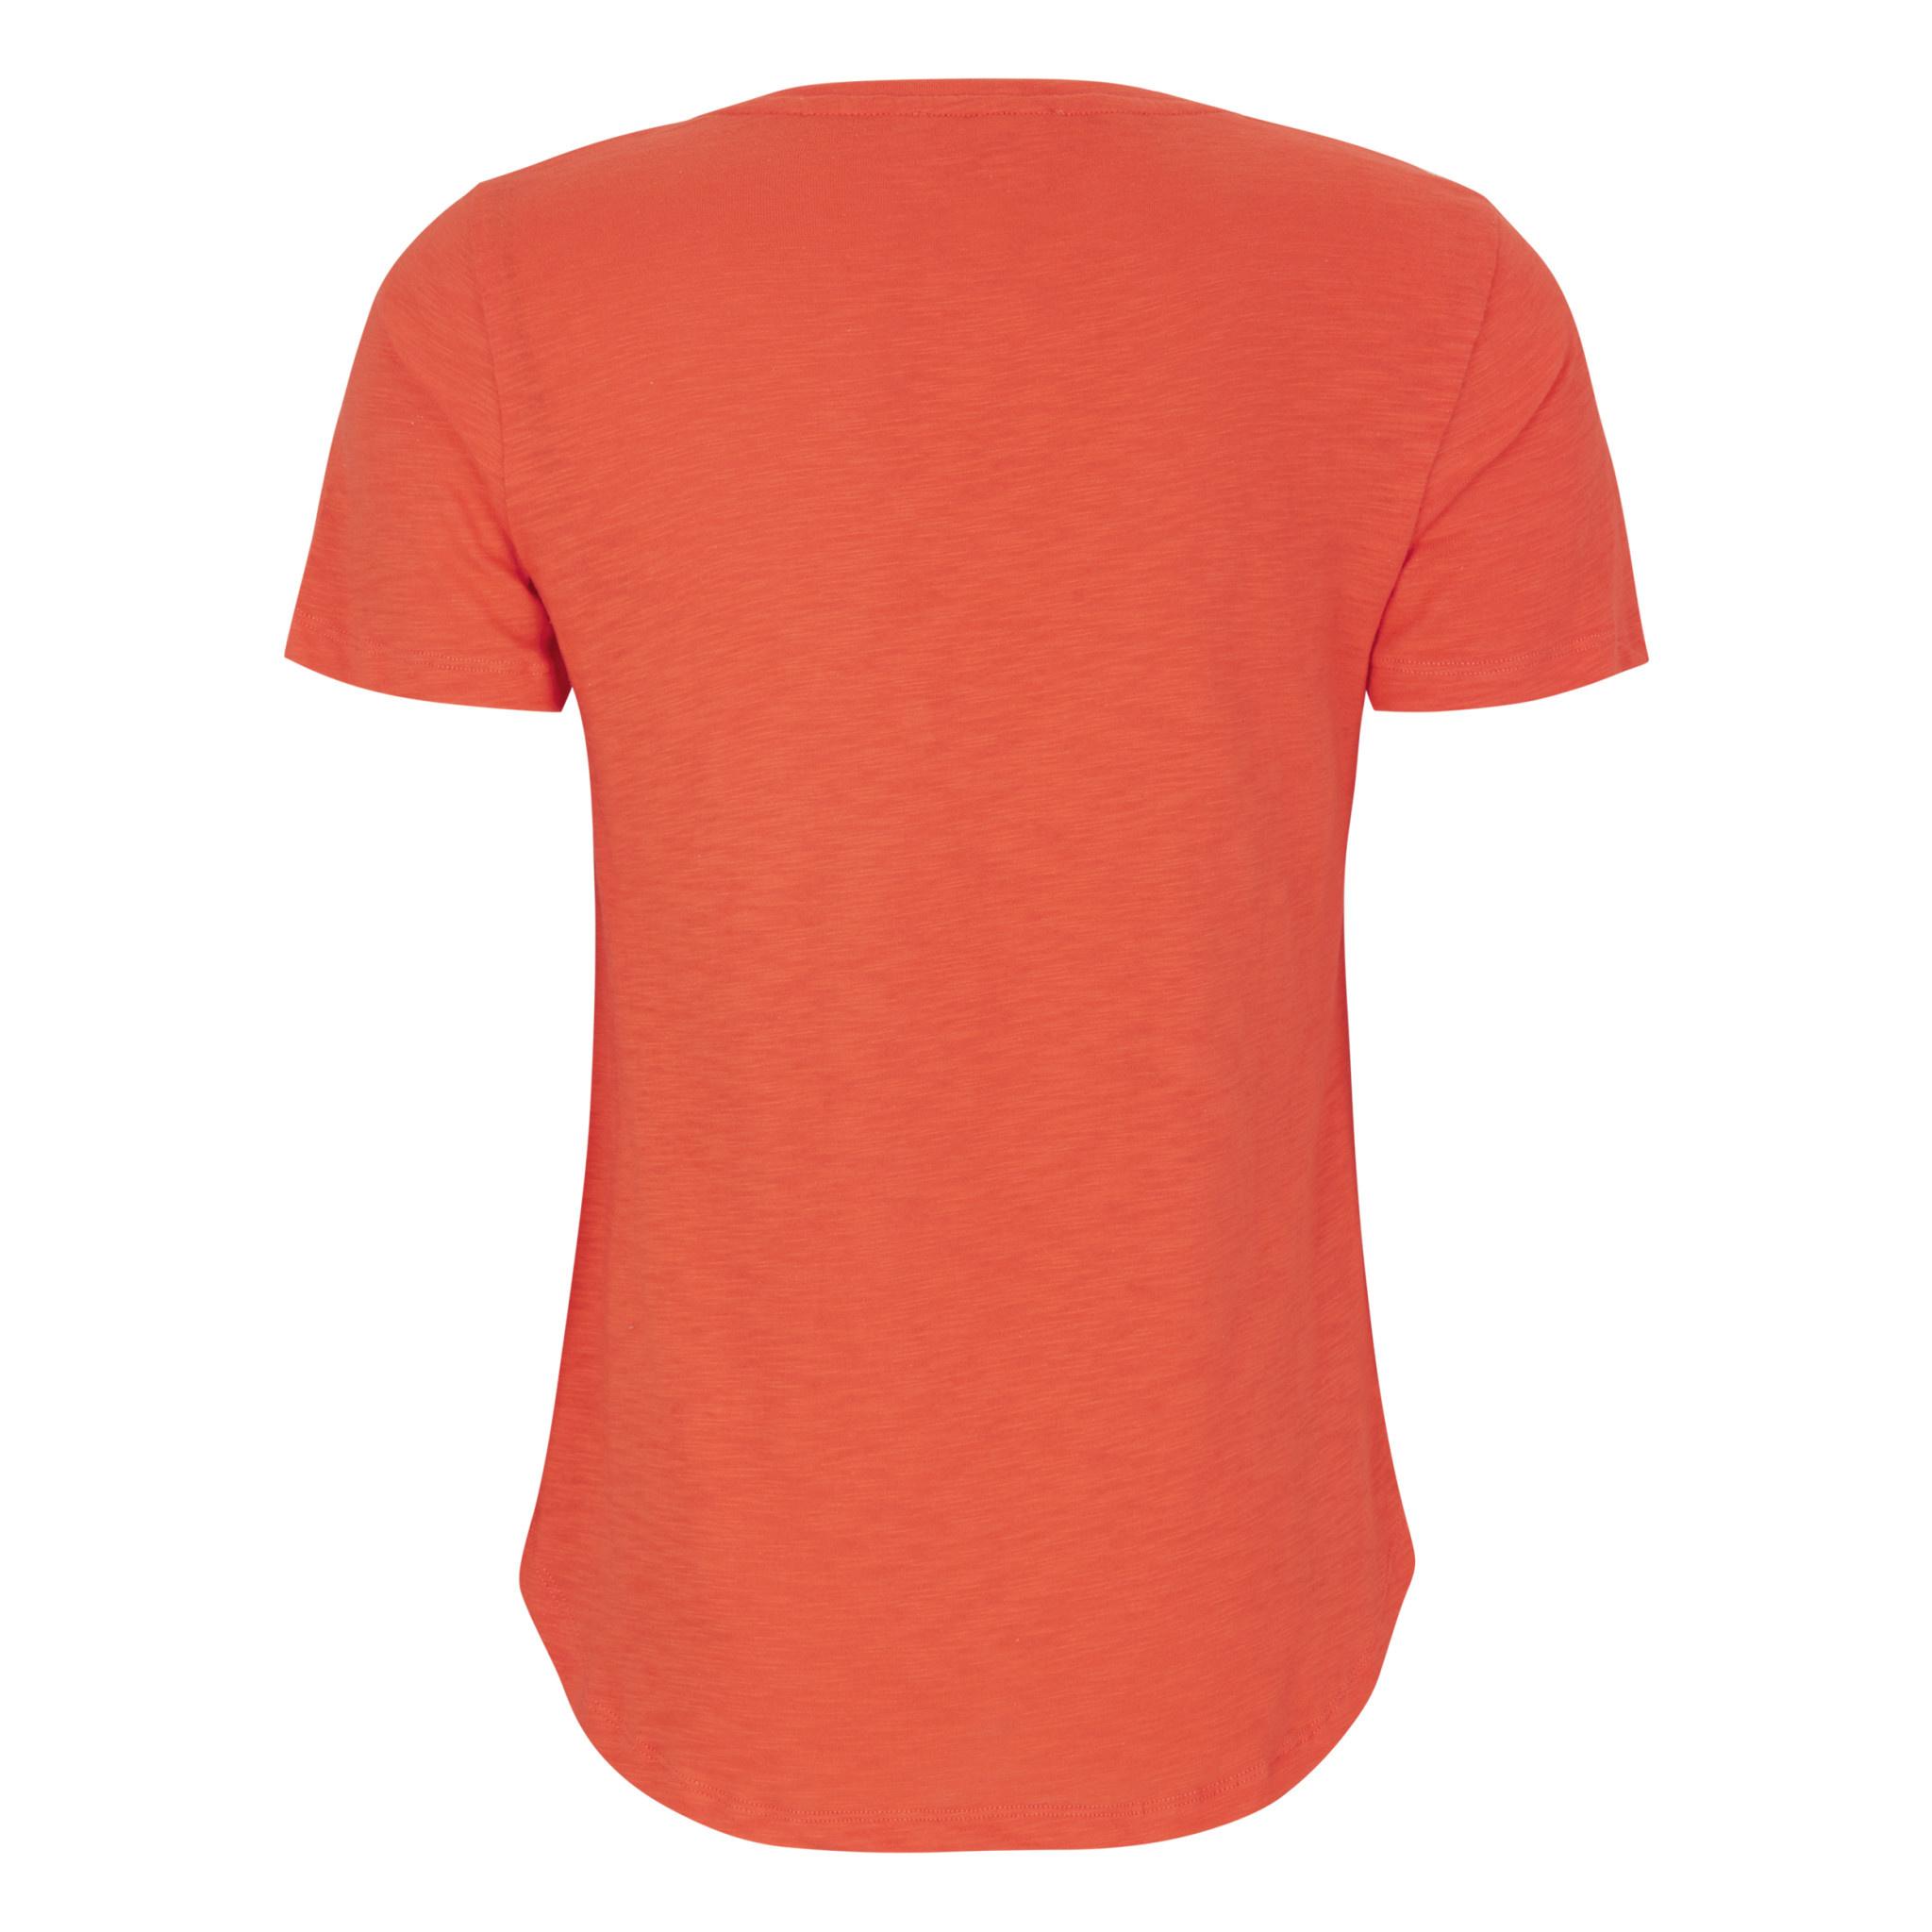 Soft Rebels Emma T-shirt - Rood/oranje